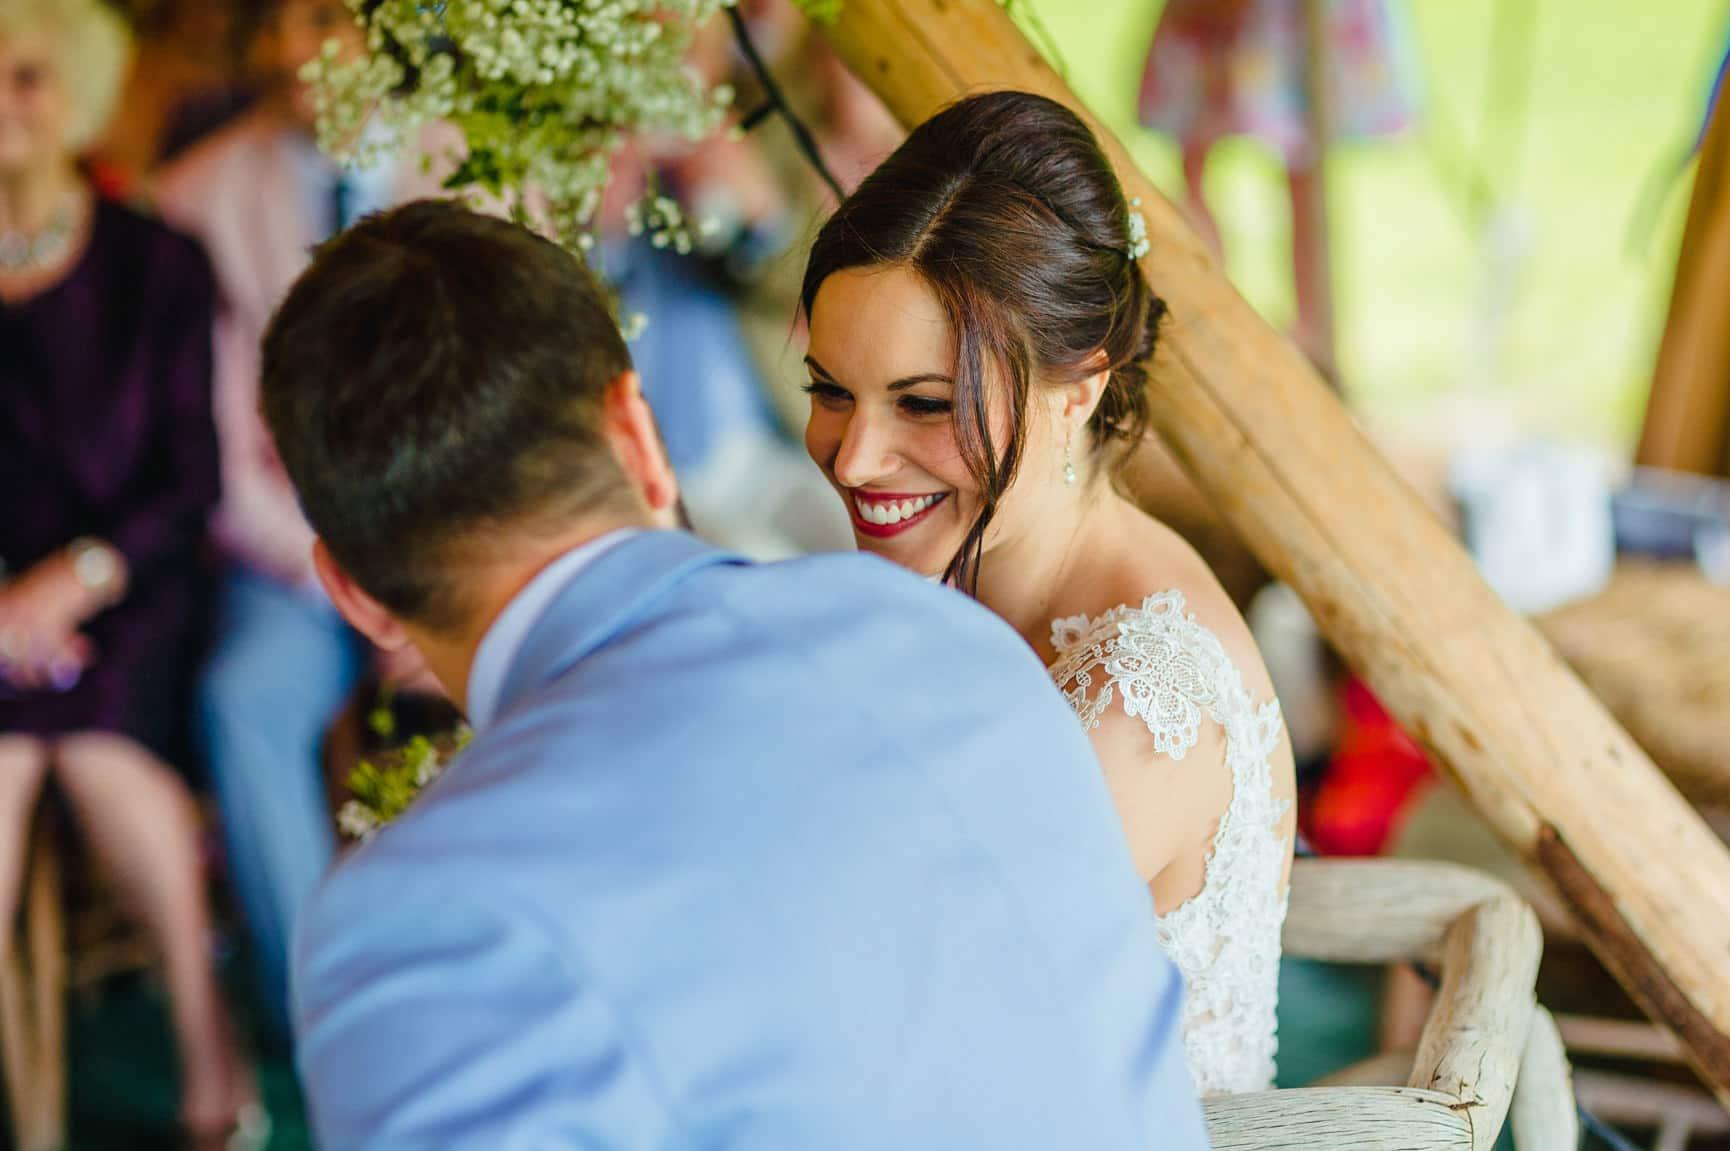 Fforest Wedding, Cardigan, Wales - Lauren and Gareth 63